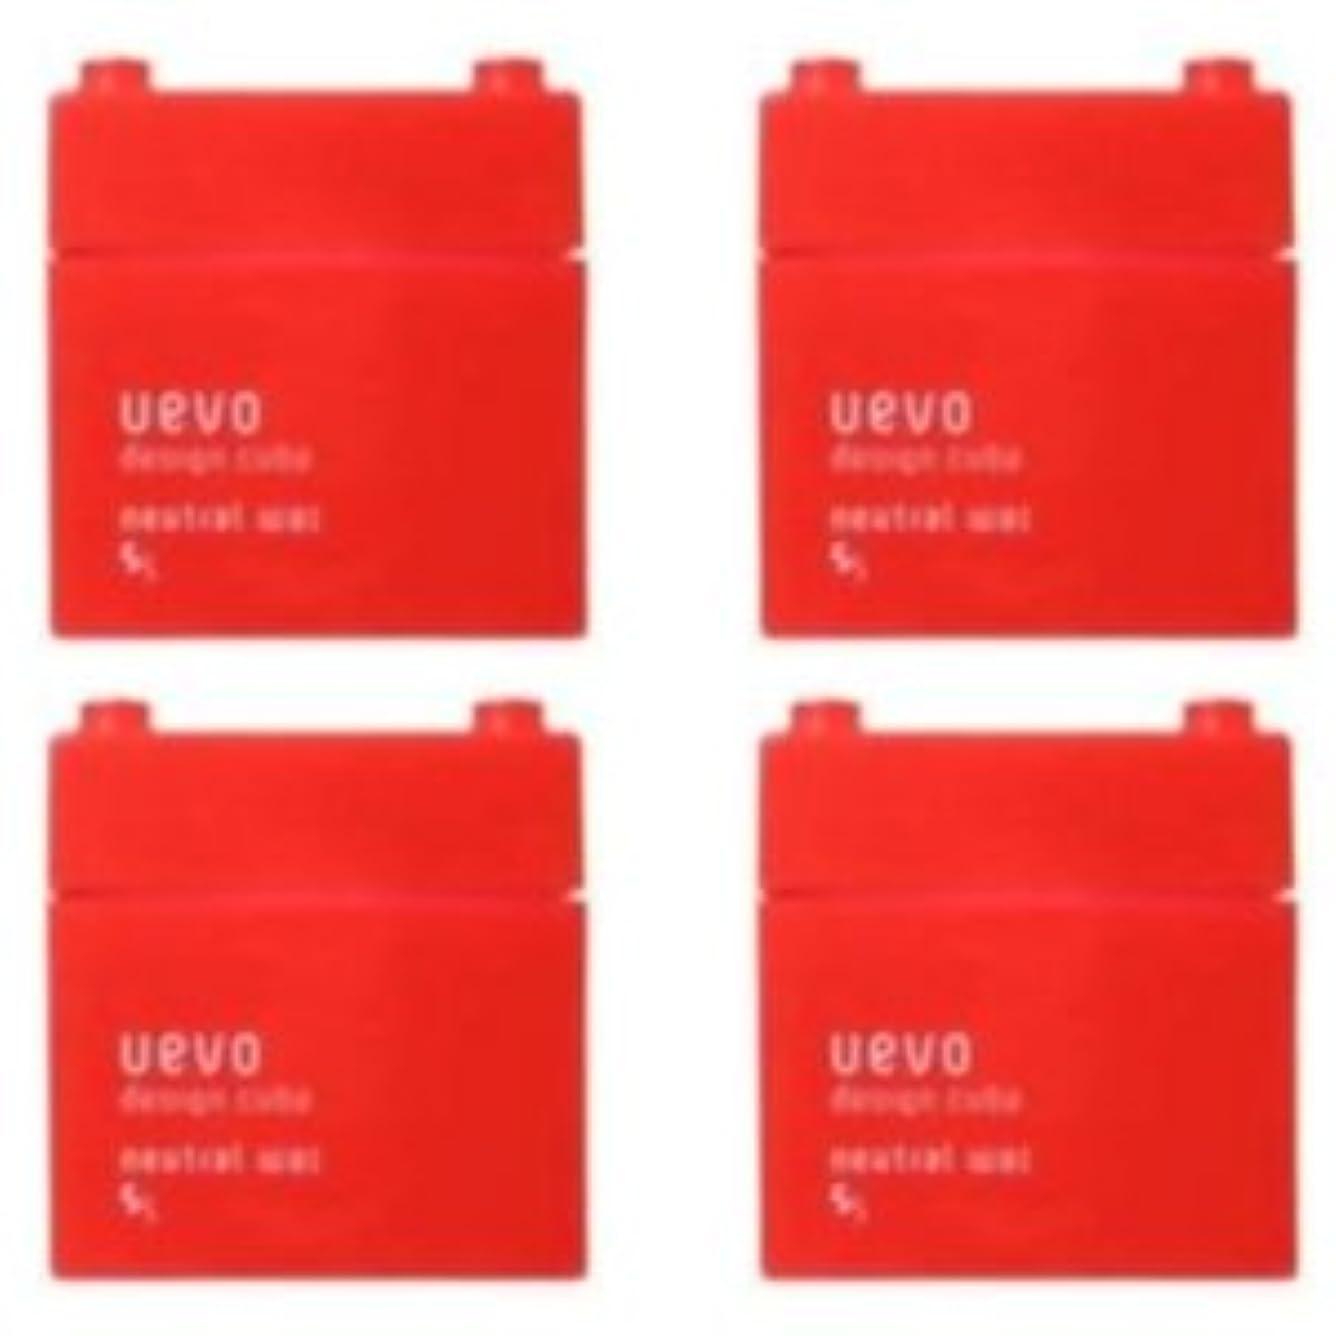 熟達したスナッチ散逸【X4個セット】 デミ ウェーボ デザインキューブ ニュートラルワックス 80g neutral wax DEMI uevo design cube